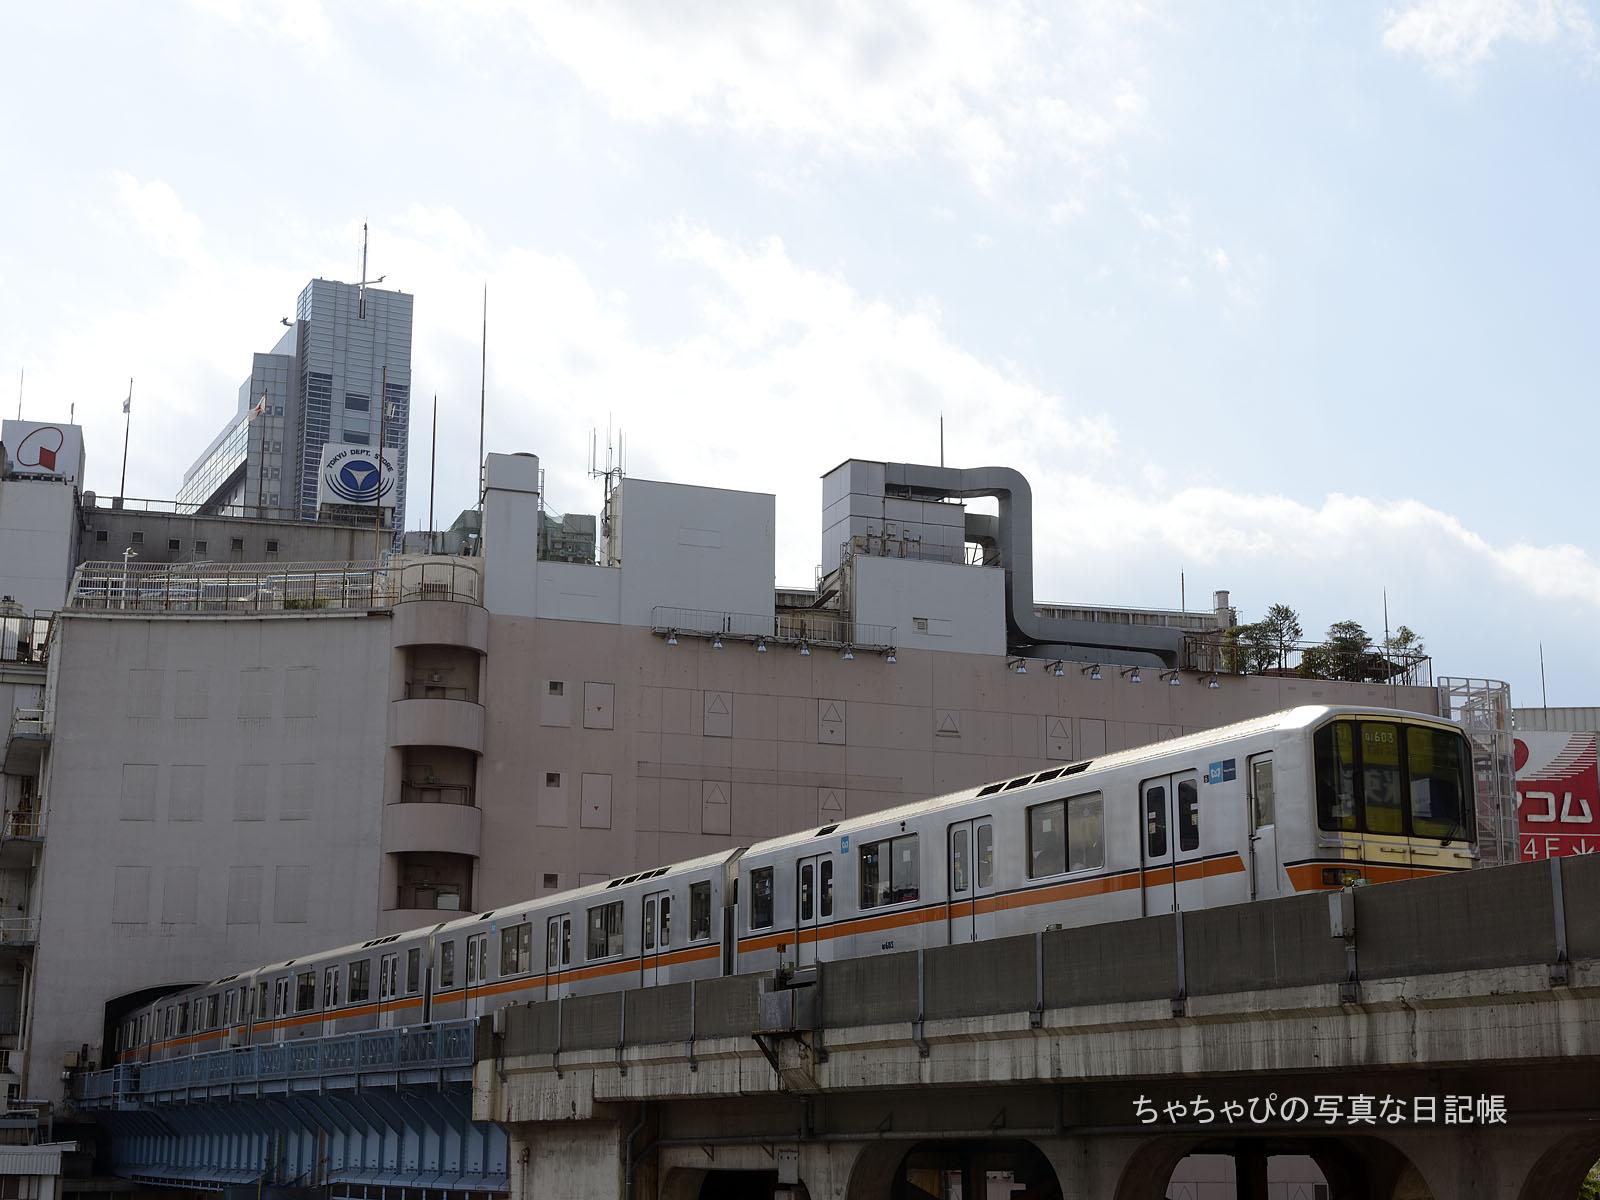 東京メトロ銀座線 渋谷駅